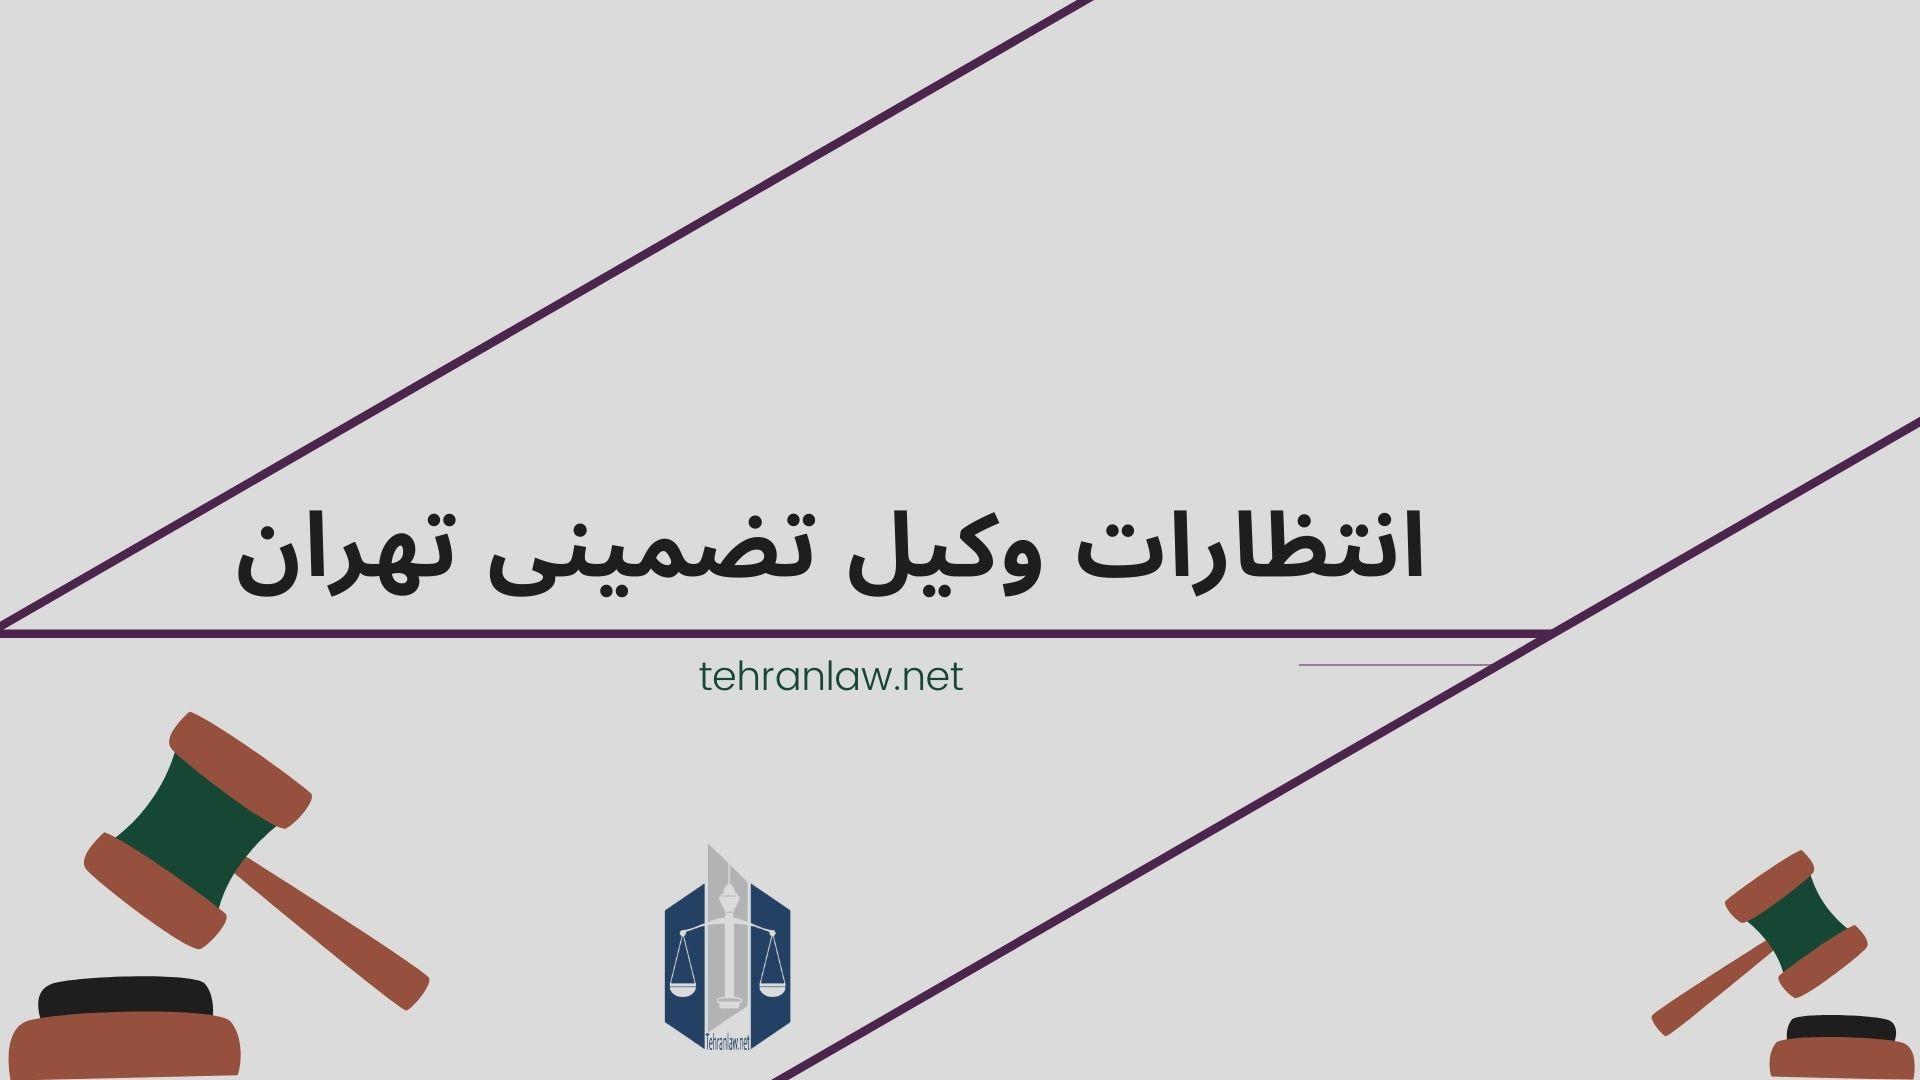 انتظارات وکیل تضمینی تهران